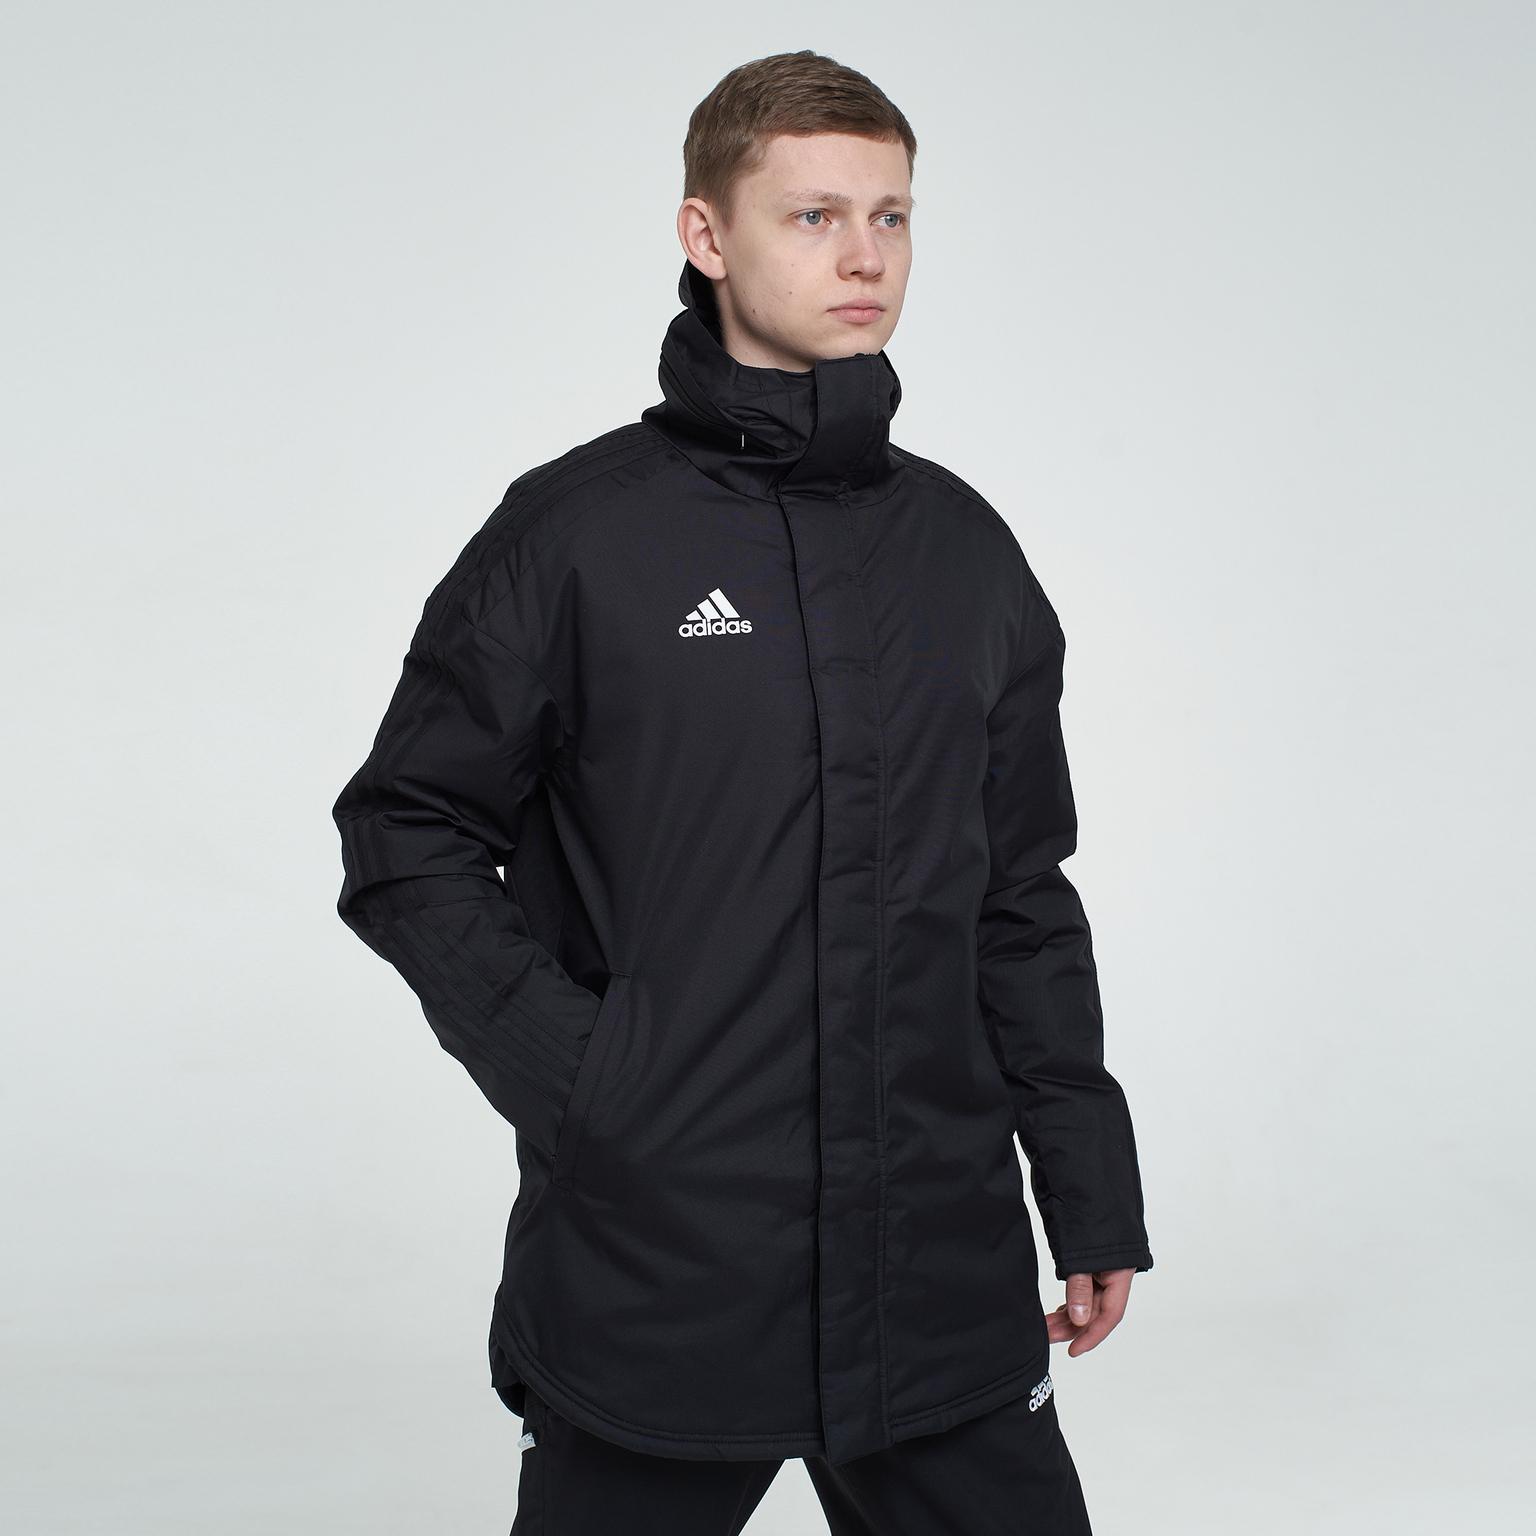 Куртка утепленная Adidas JKT18 STD Parka BQ6594 куртки пуховики adidas куртка утепленная adidas jkt18 std parka bq6594